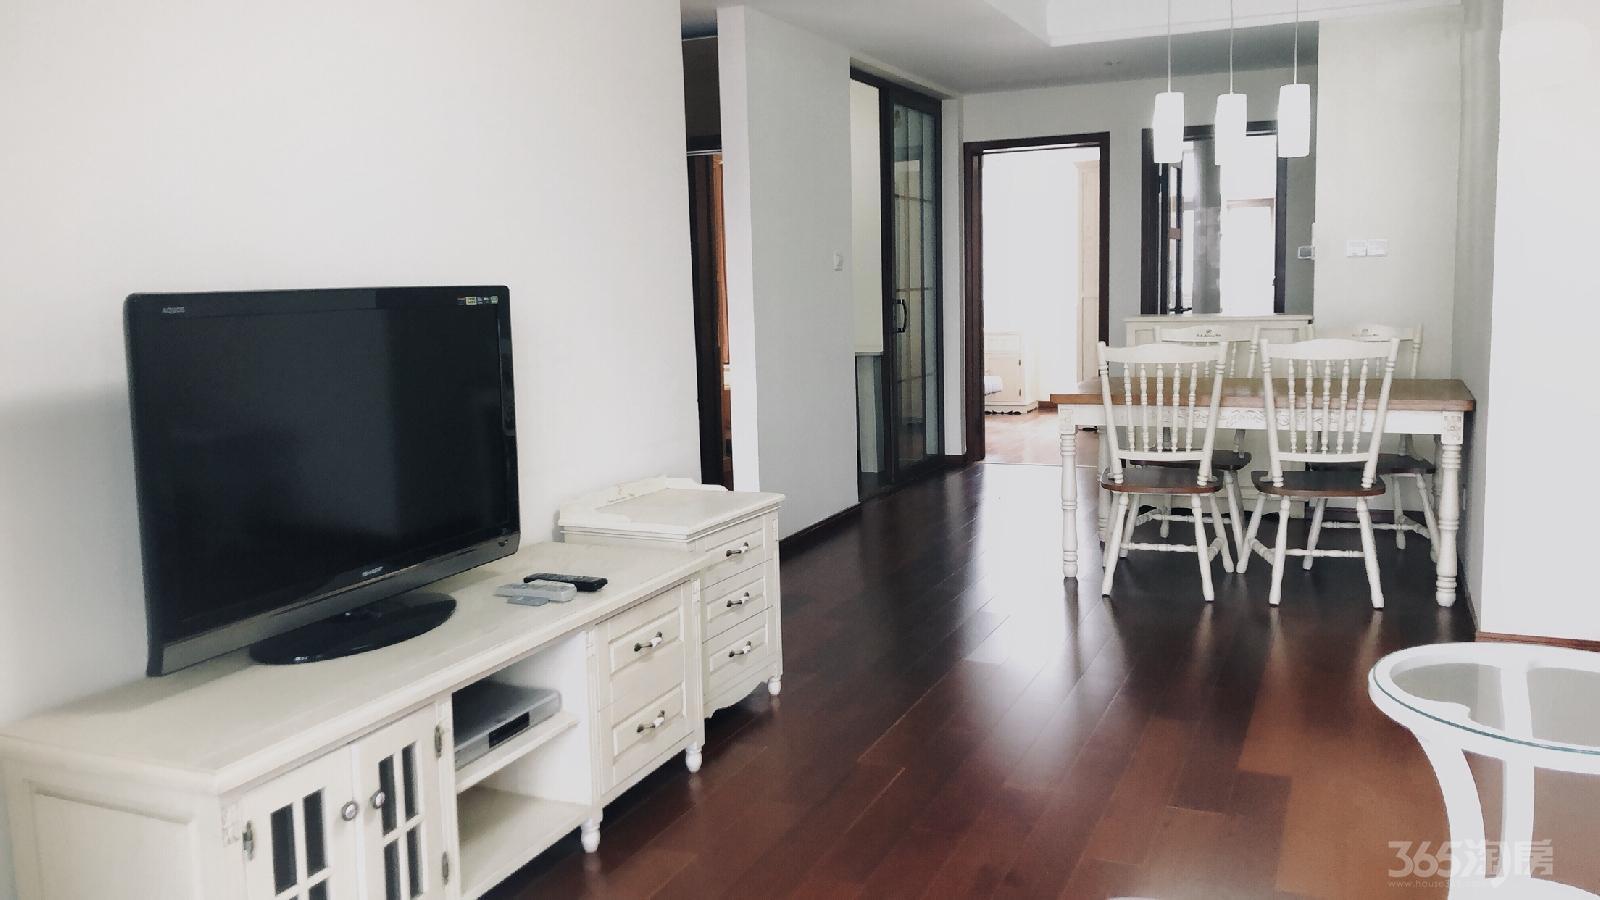 金地名京3室2厅1卫88平米豪华装产权房